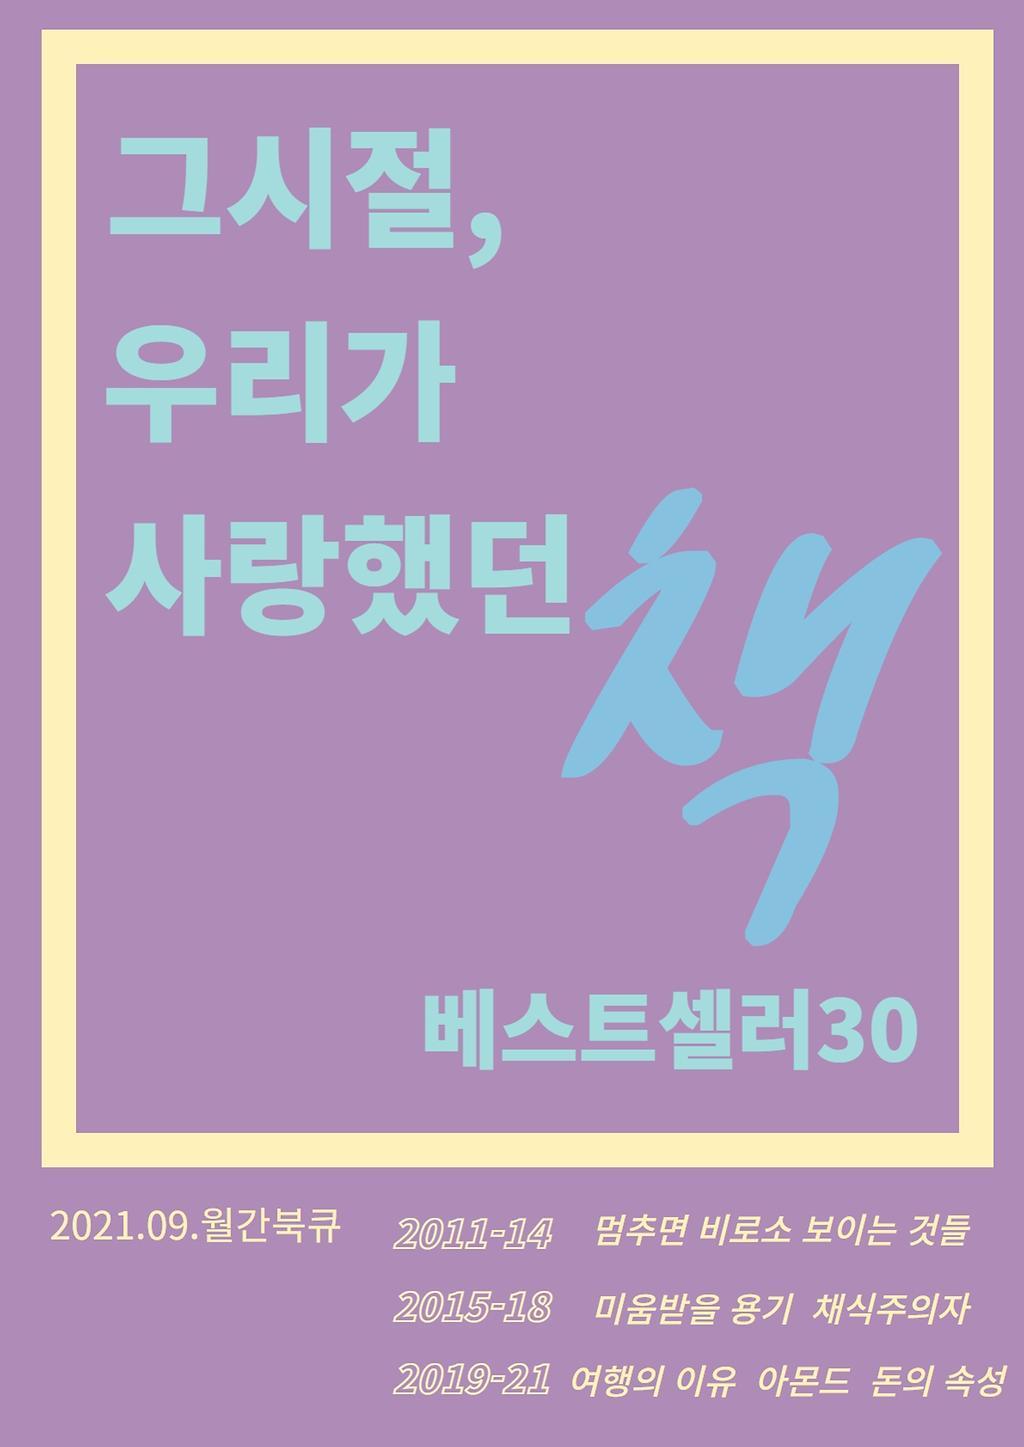 여주시립도서관9월 북큐레이션 전시 [그 시절 우리가 사랑했던 책. 베스트셀러 30]